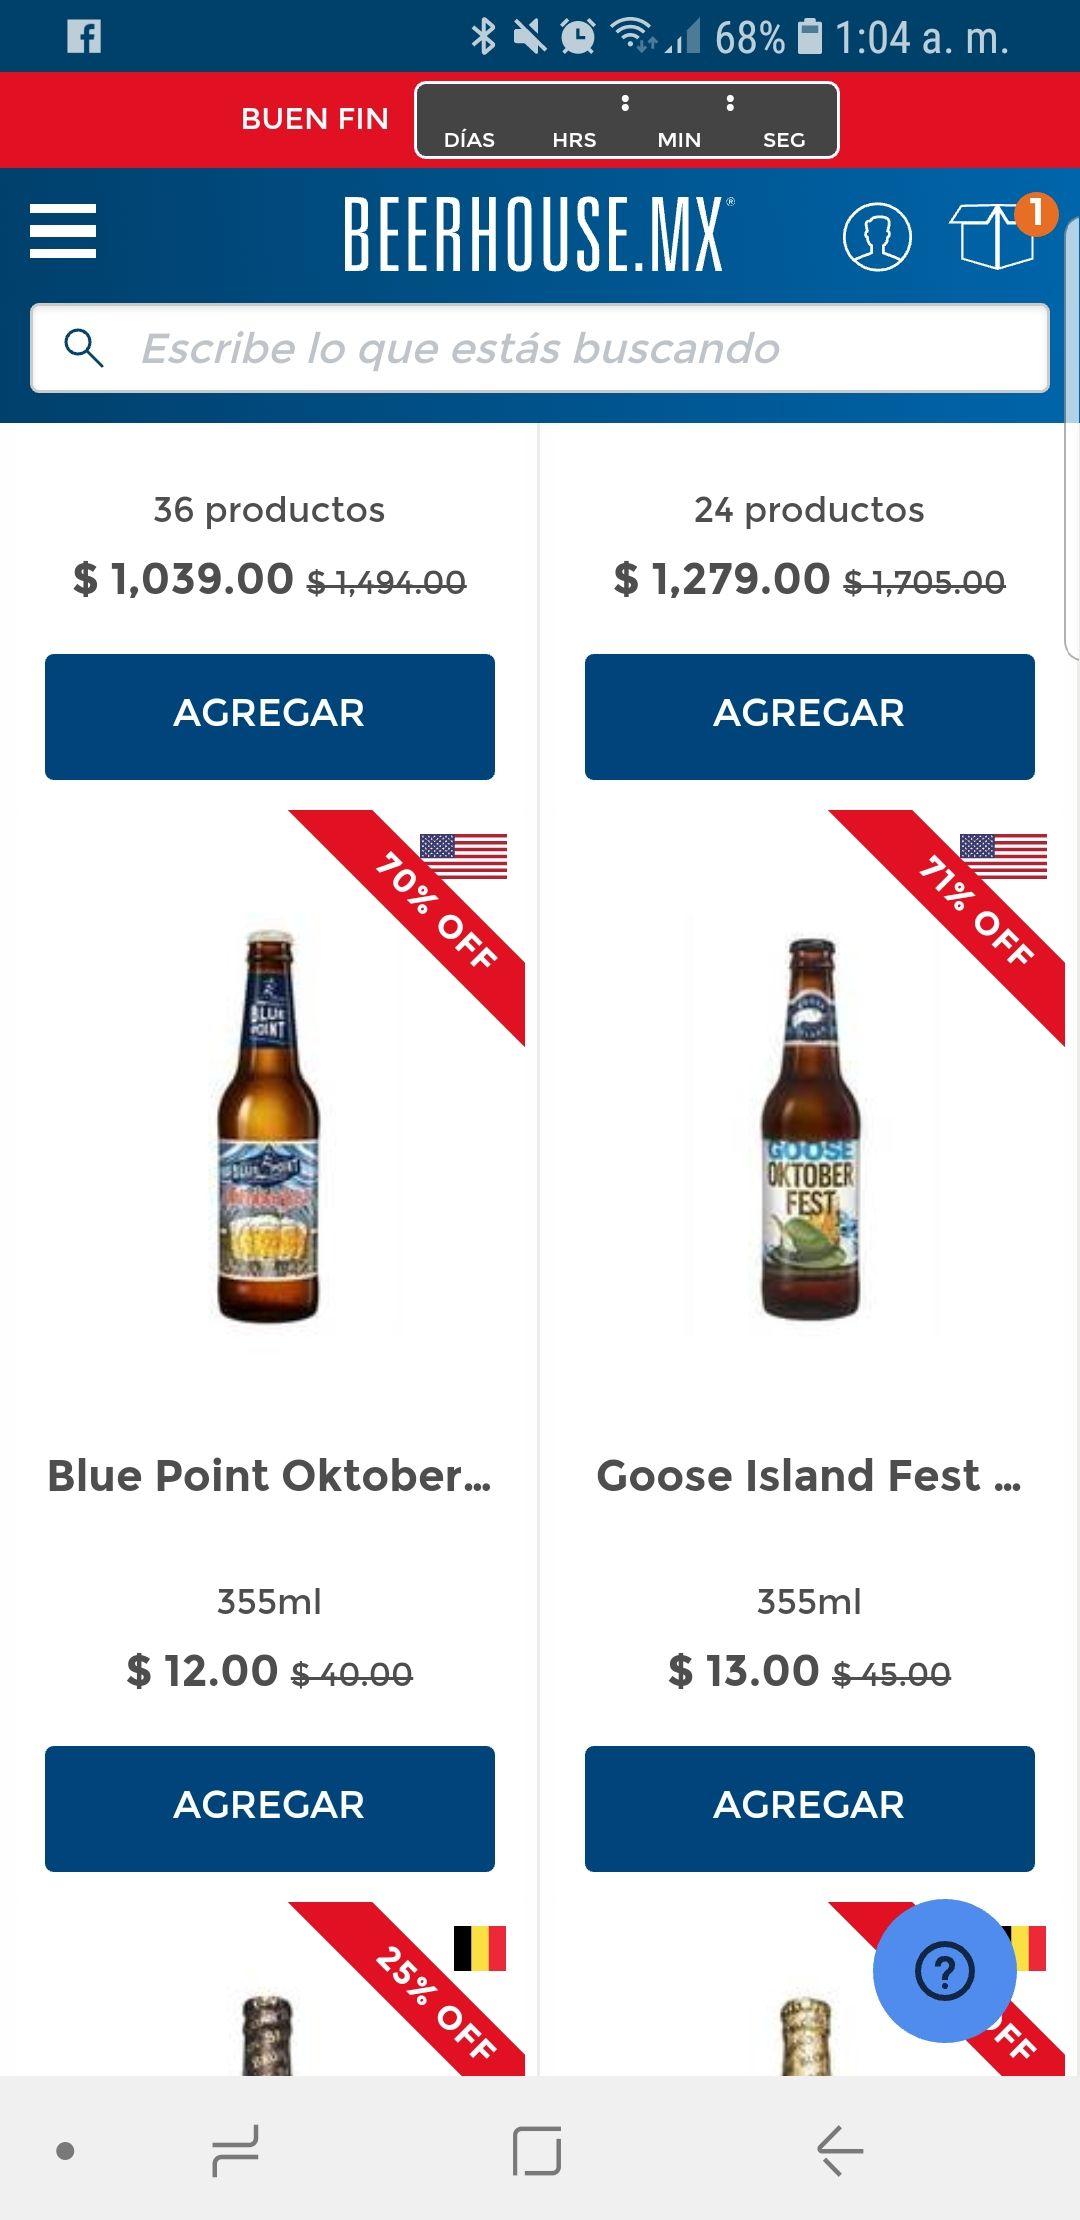 Buen Fin 2018 en Beerhouse: cervezas en descuento +10% con MercadoPago o PayPal